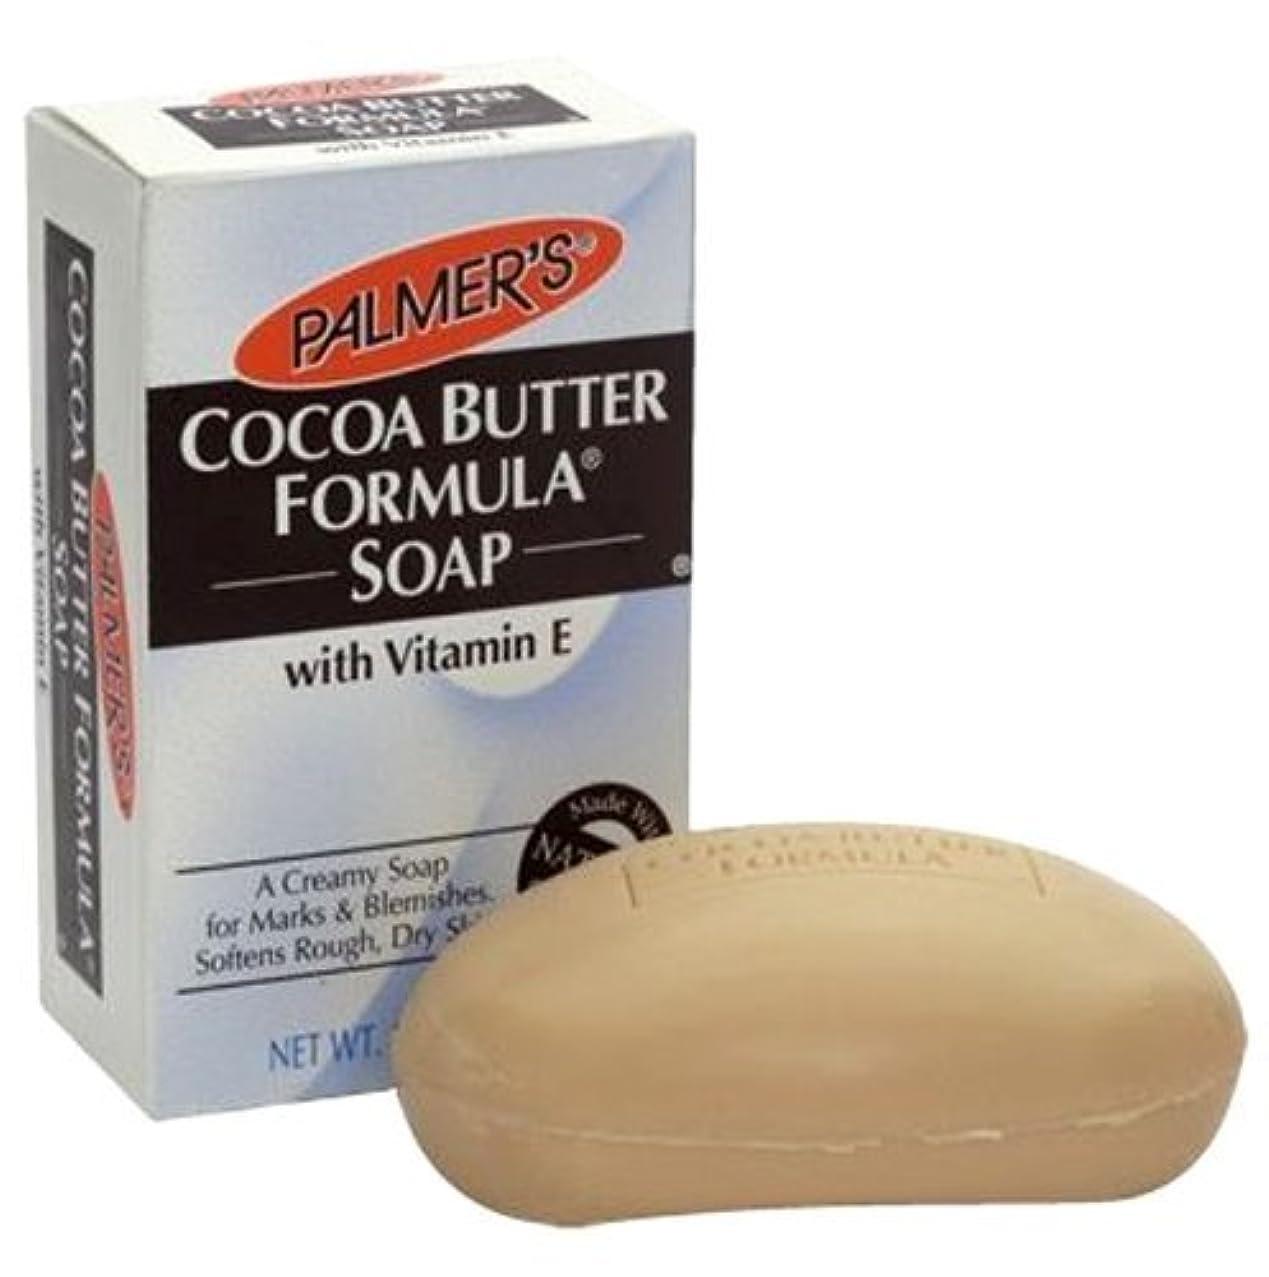 しがみつく故意の木Palmer's ココアバターフォーミュラデイリースキンセラピー石鹸3.5オズ